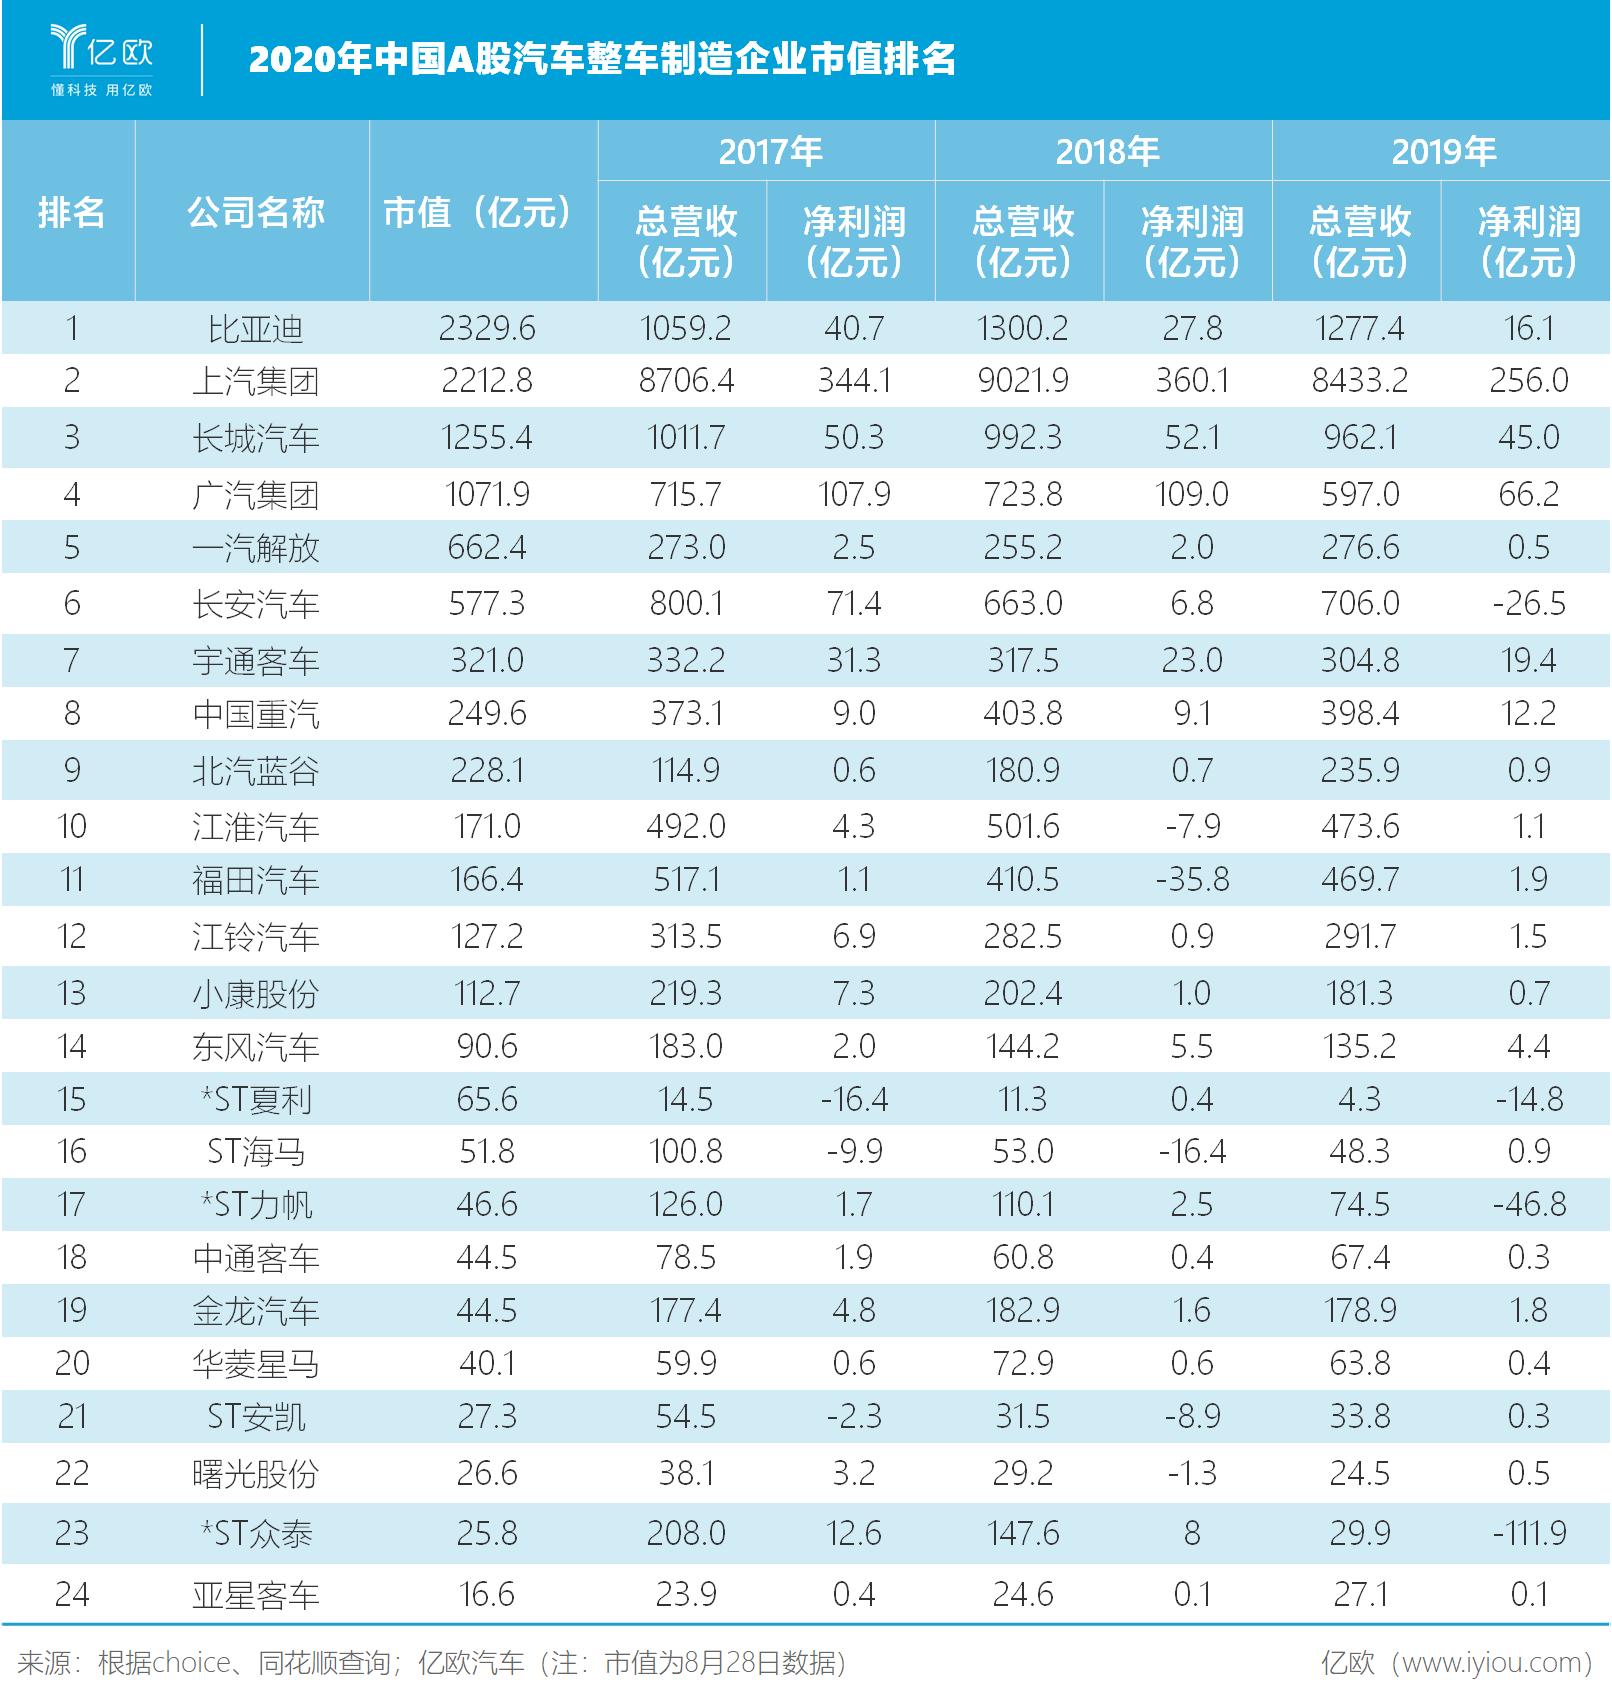 2020年中国A股汽车整车企业市值排名